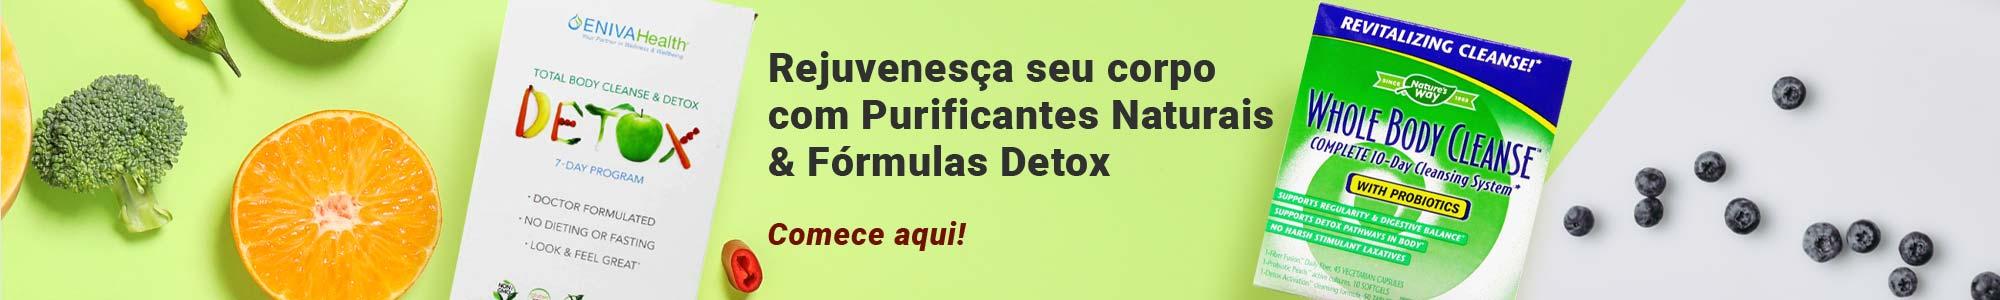 Rejuvenesça seu corpo com Purificantes Naturais & Fórmulas Detox. Comece aqui!